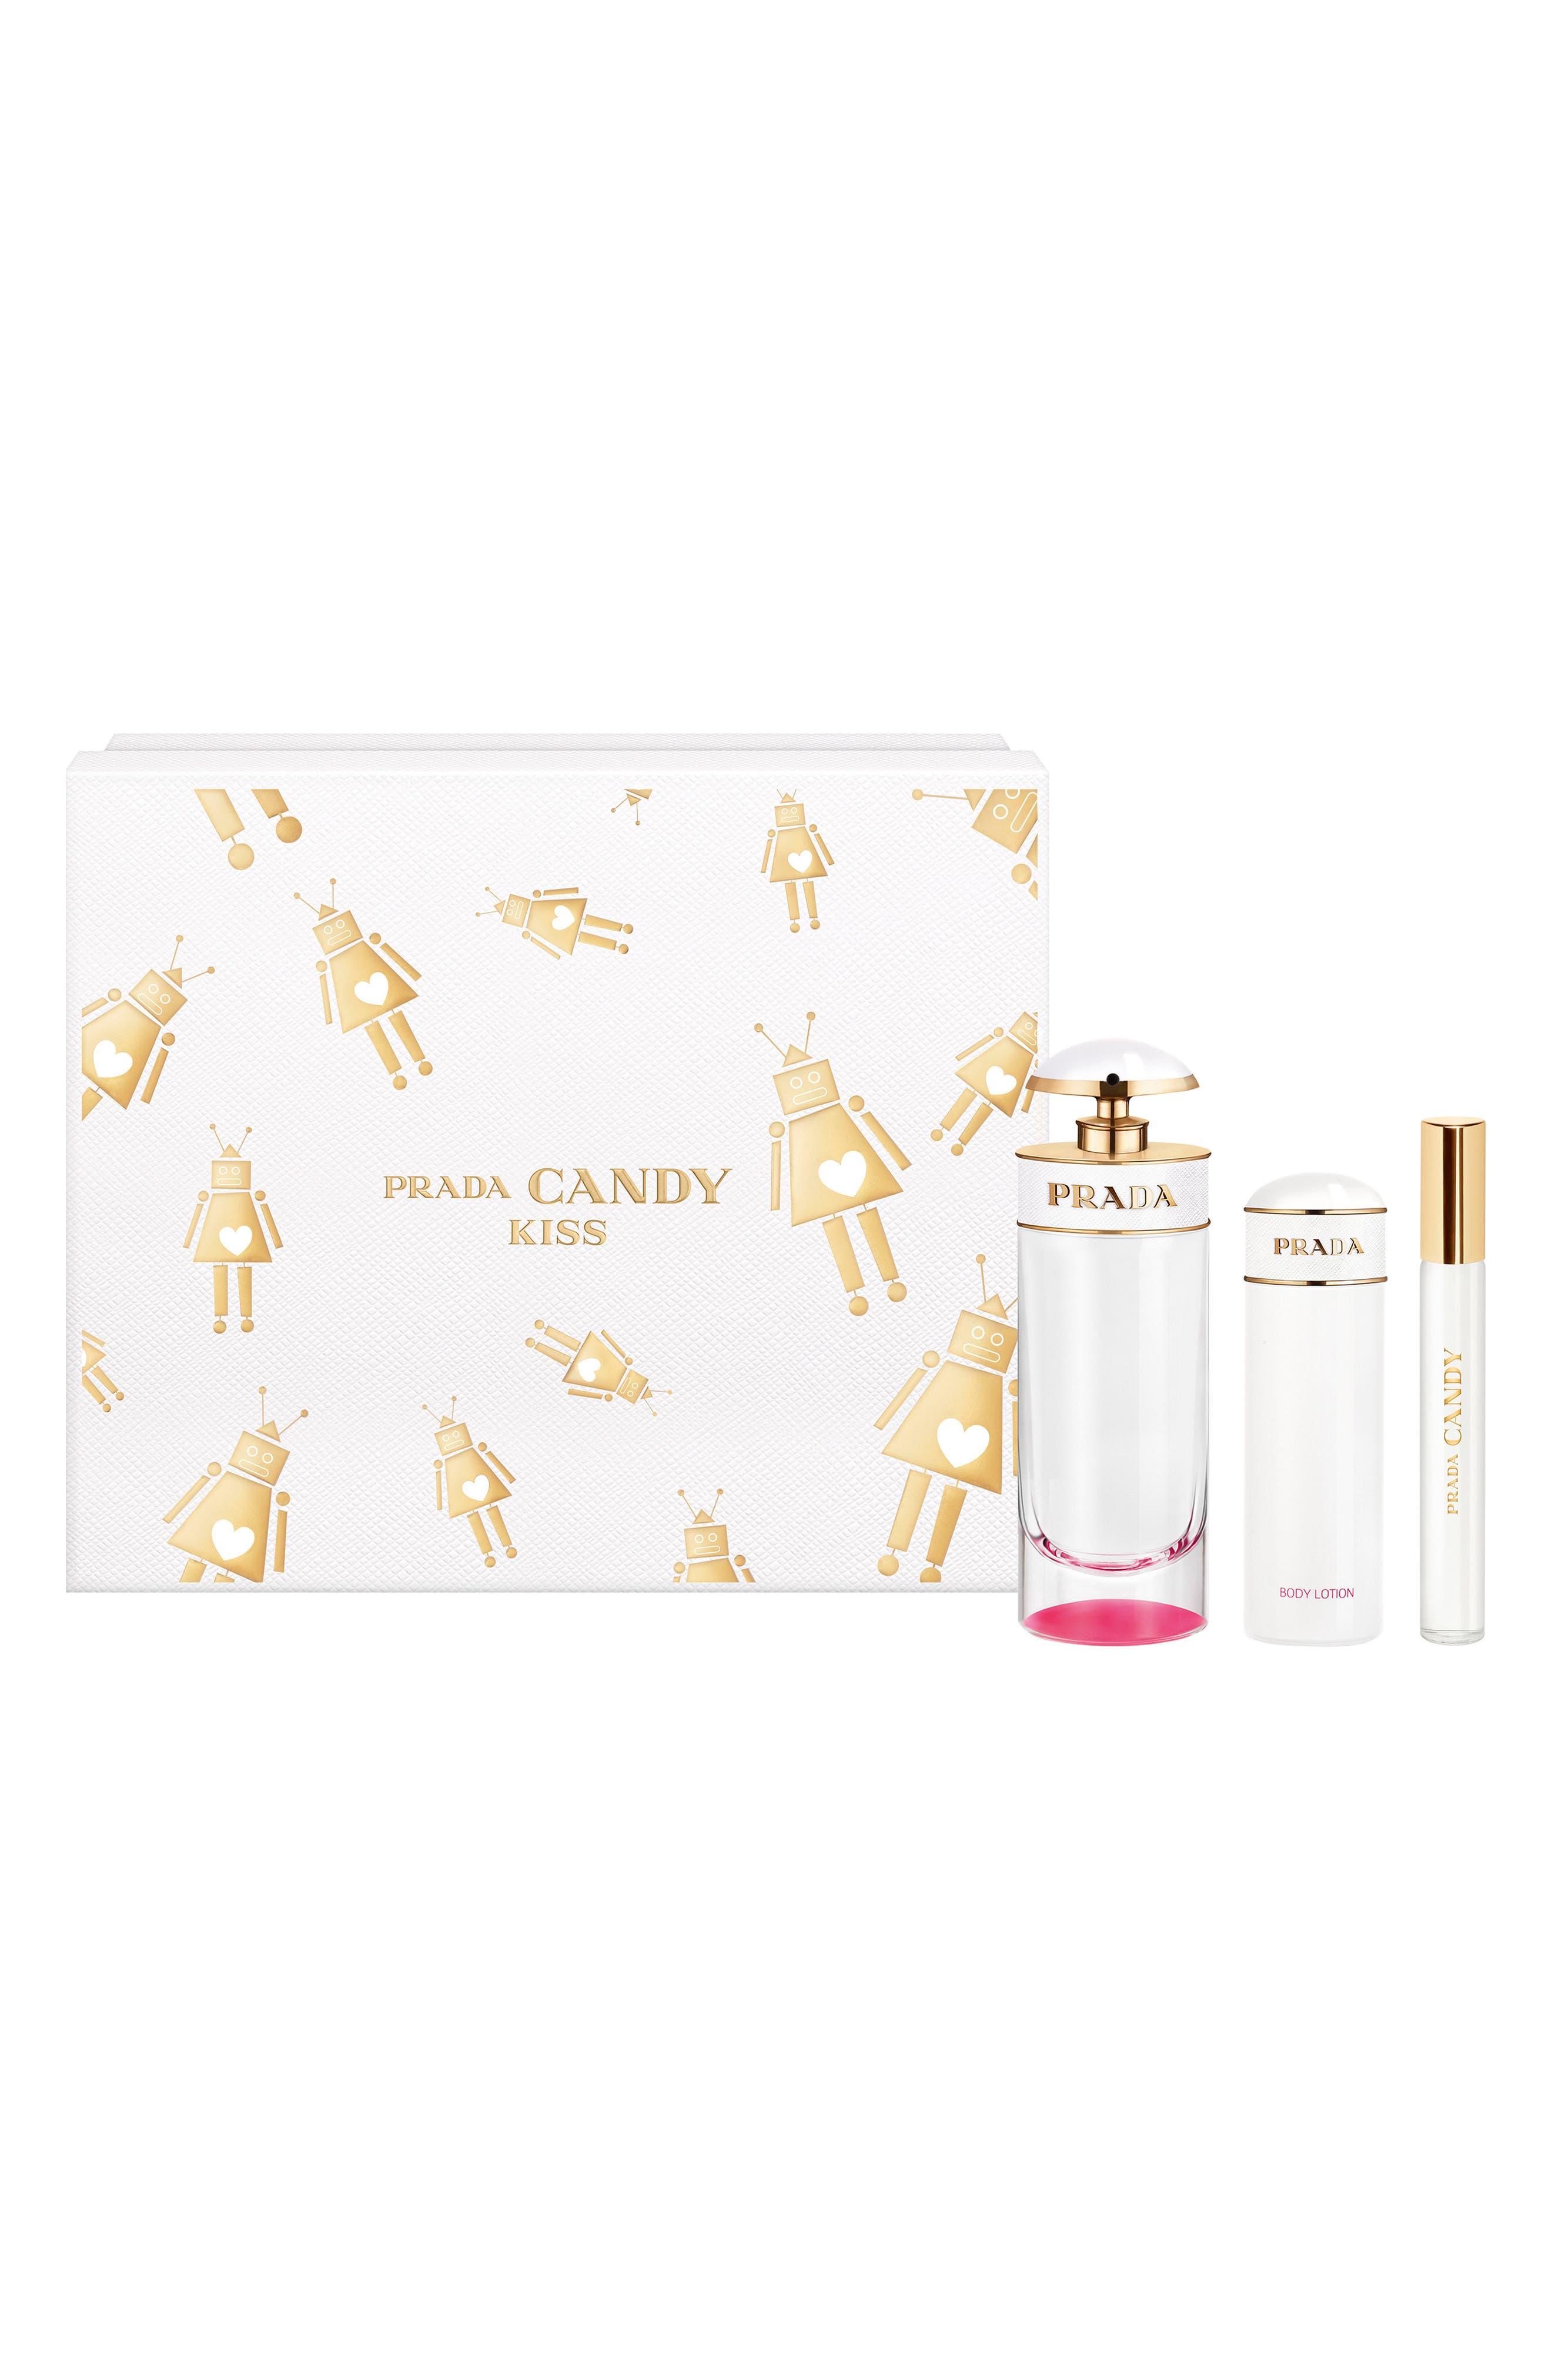 Main Image - Prada Candy Kiss Eau de Parfum Set ($176 Value)